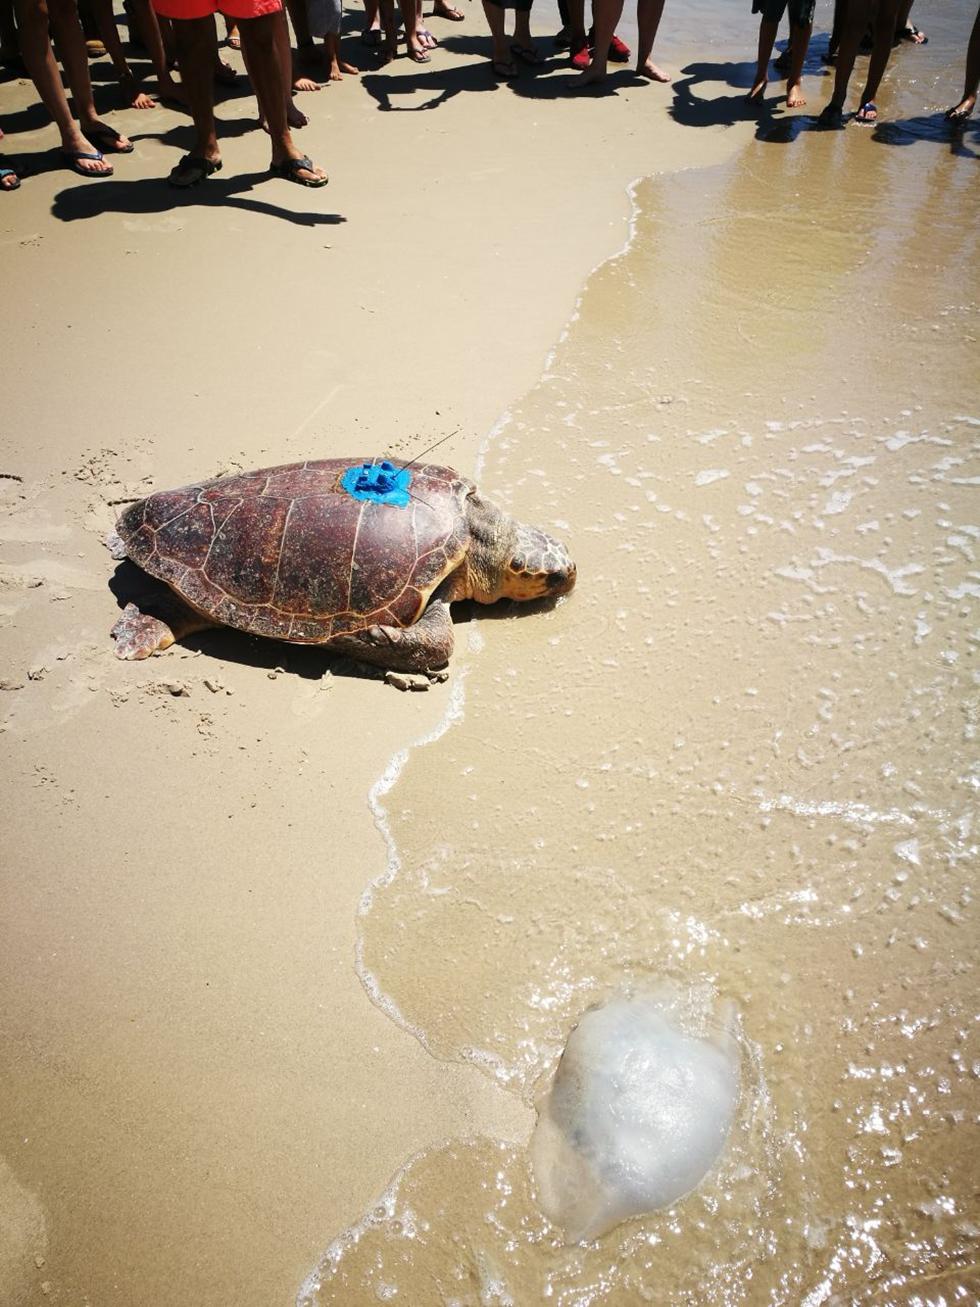 צב ים חום בדרך לים. מדוזה היא גם חטיף מזין בעיקר לצבי ים גילדיים ענקיים